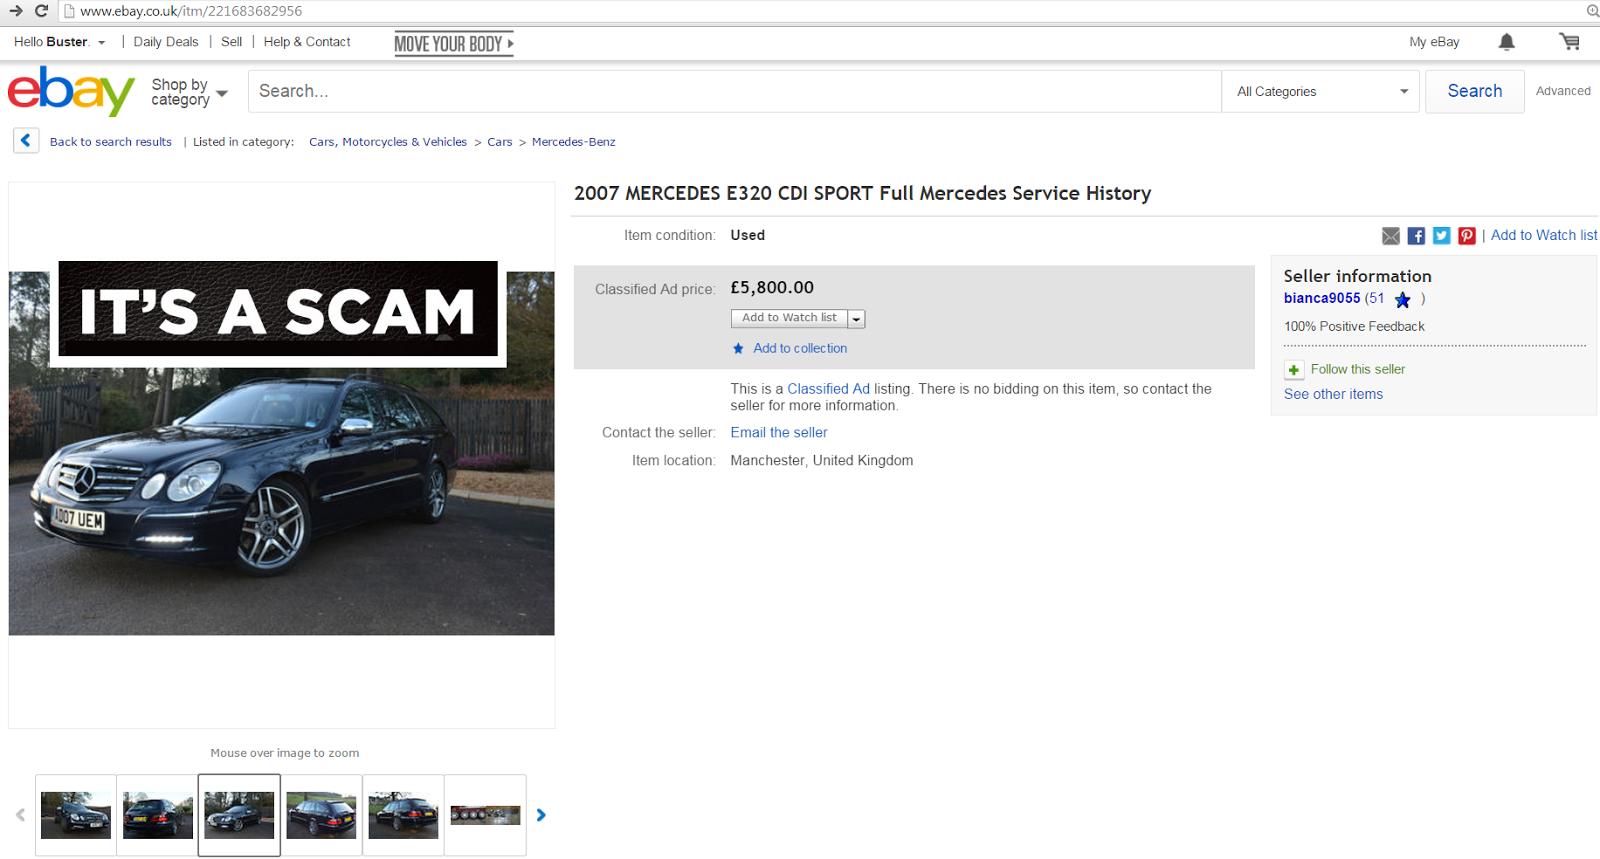 Best Www.ebay.co.uk Cars Gallery - Classic Cars Ideas - boiq.info